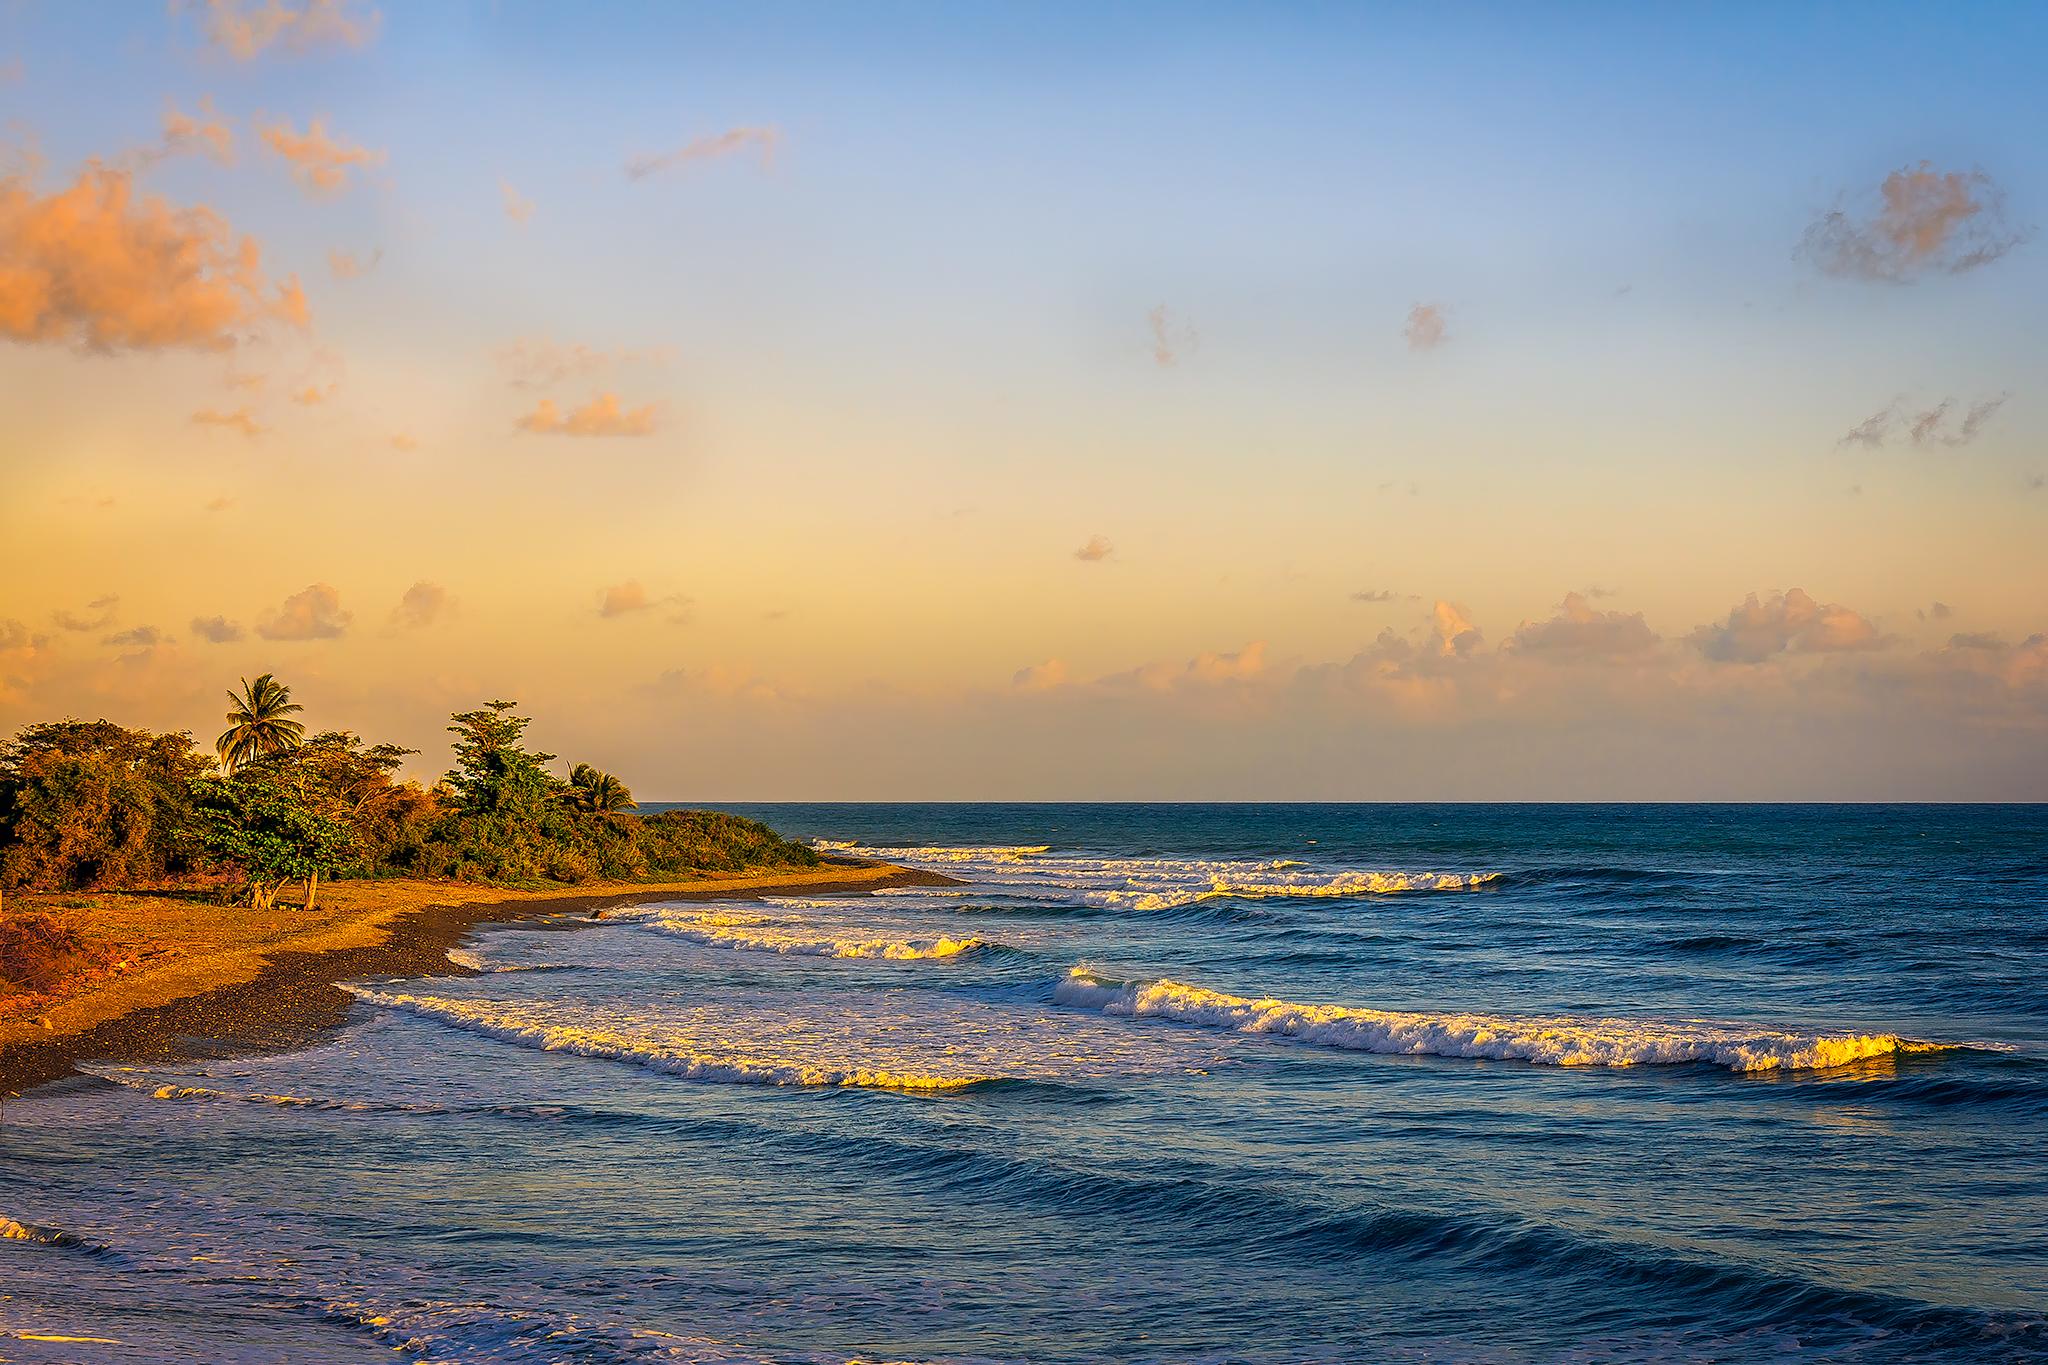 Taken in Morant Bay, St Thomas, Jamaica.